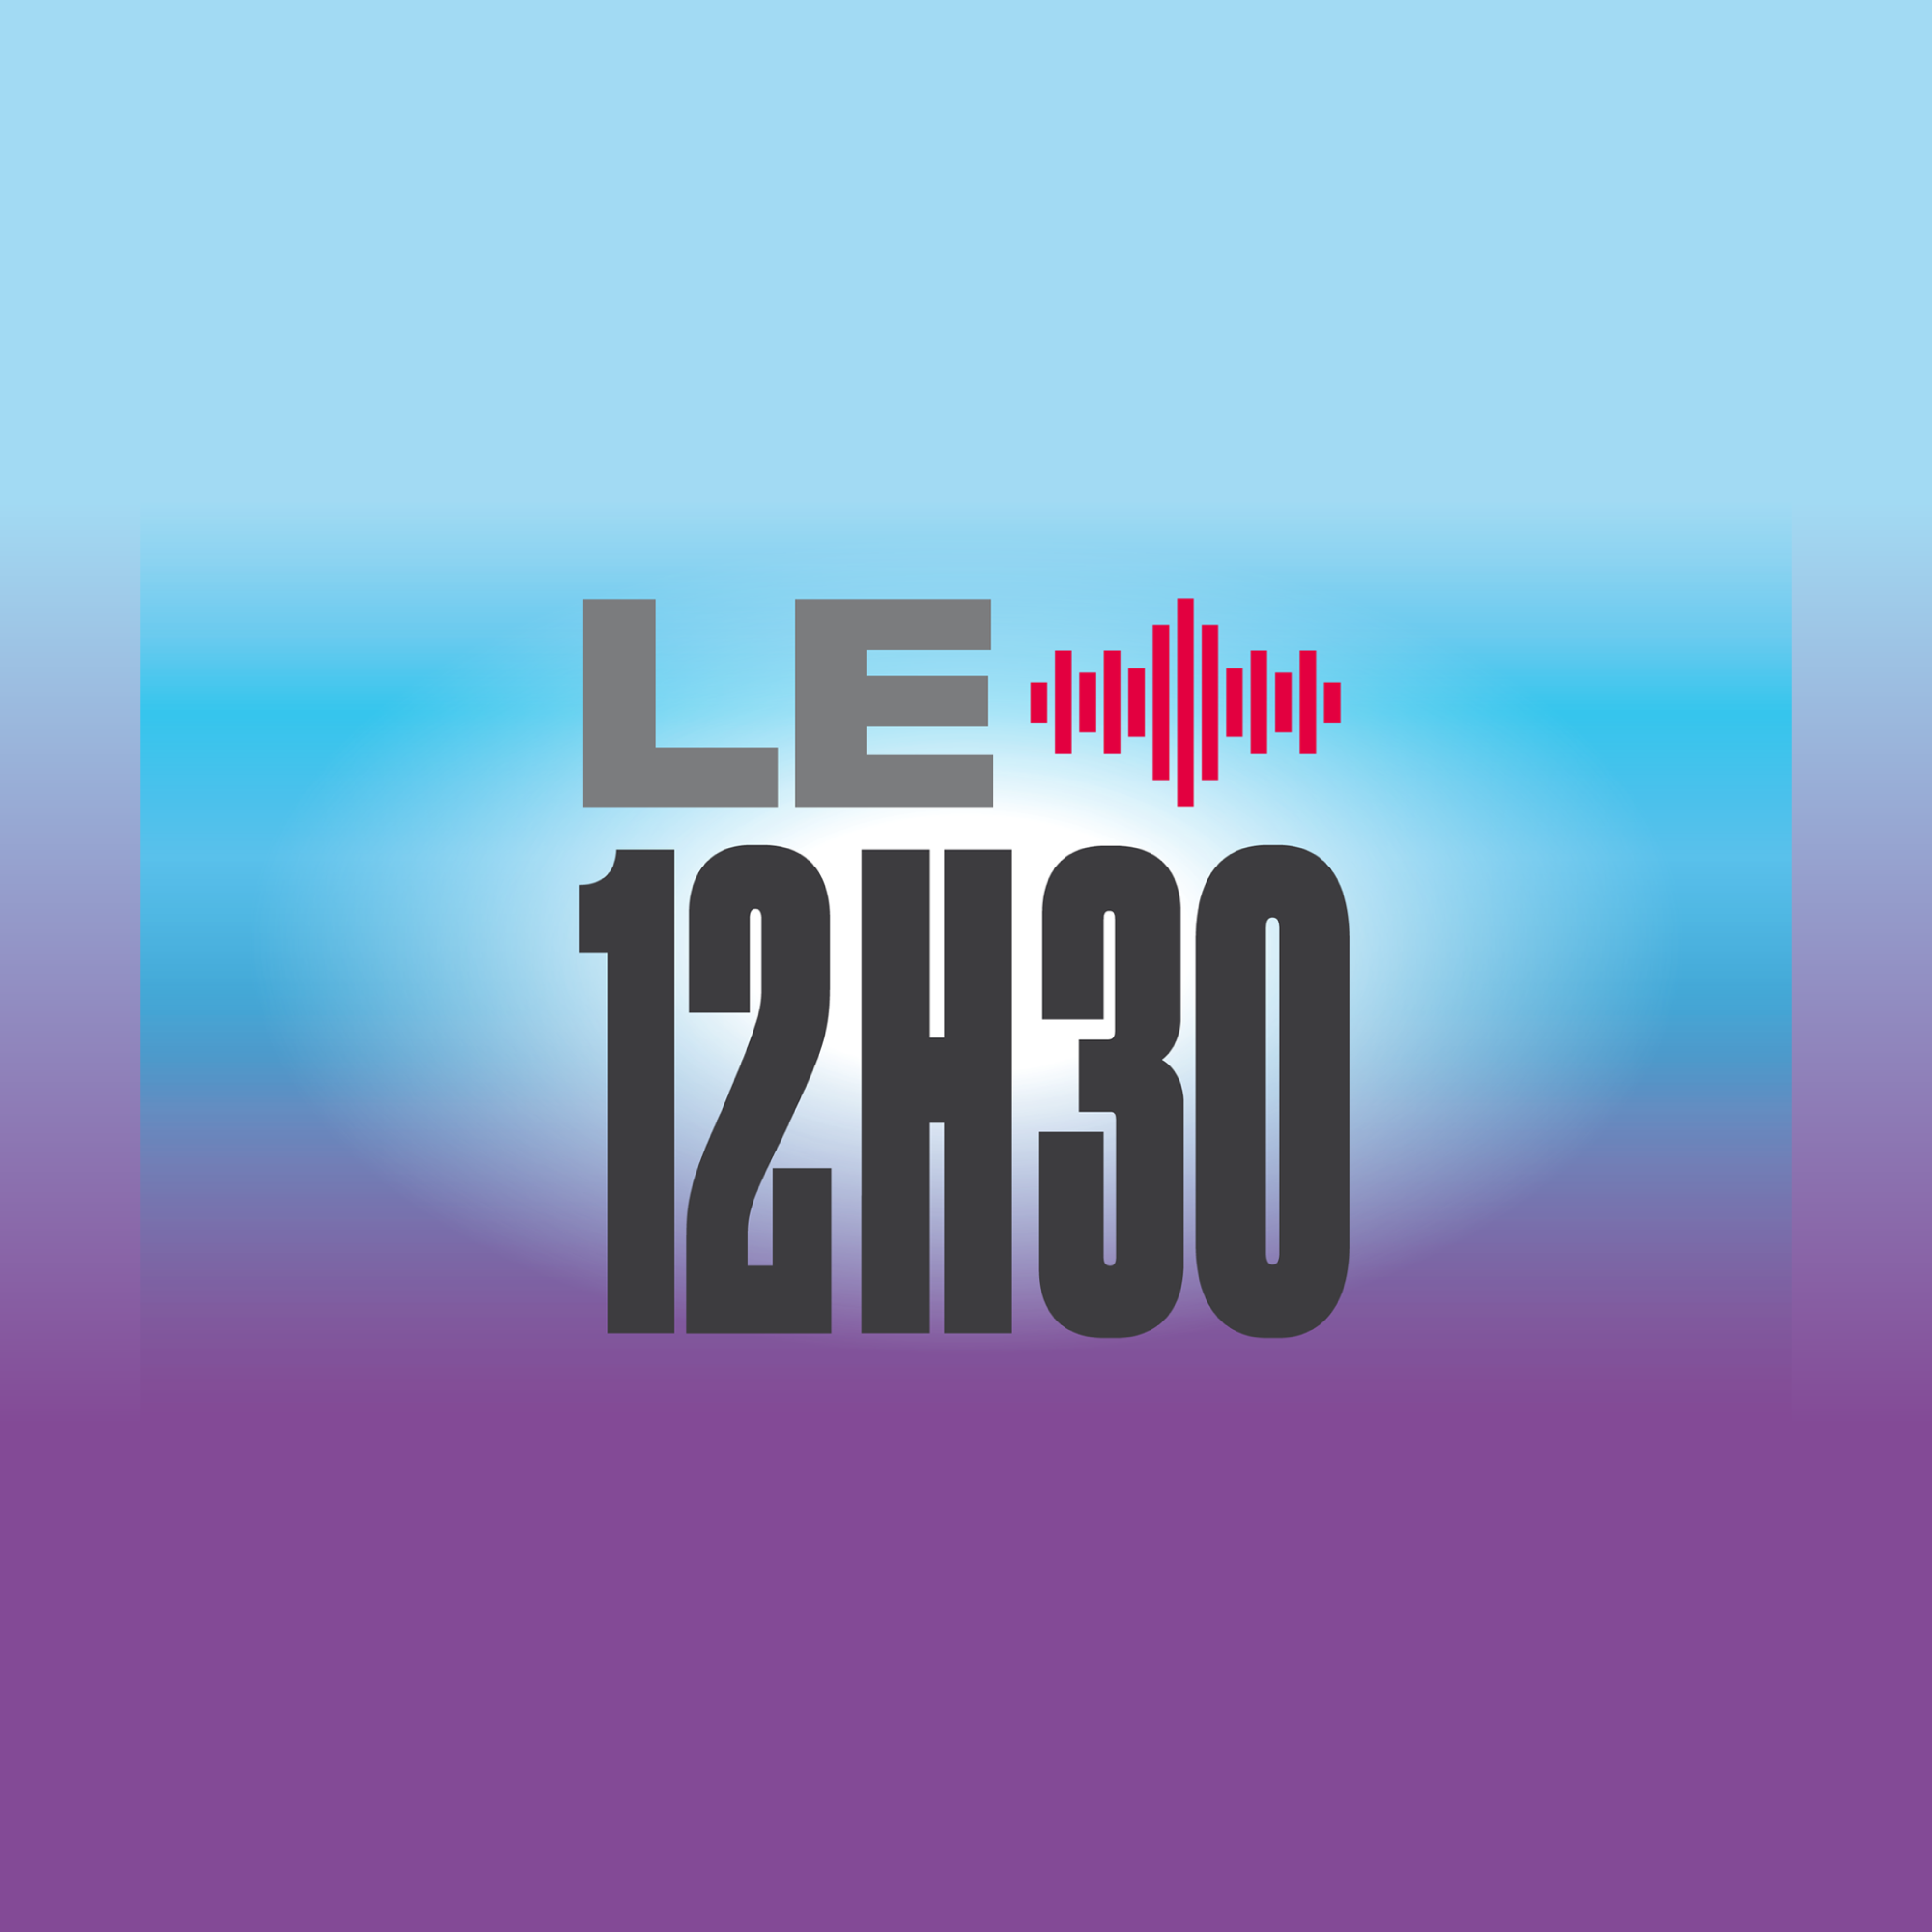 Le 12H30 [RTS]